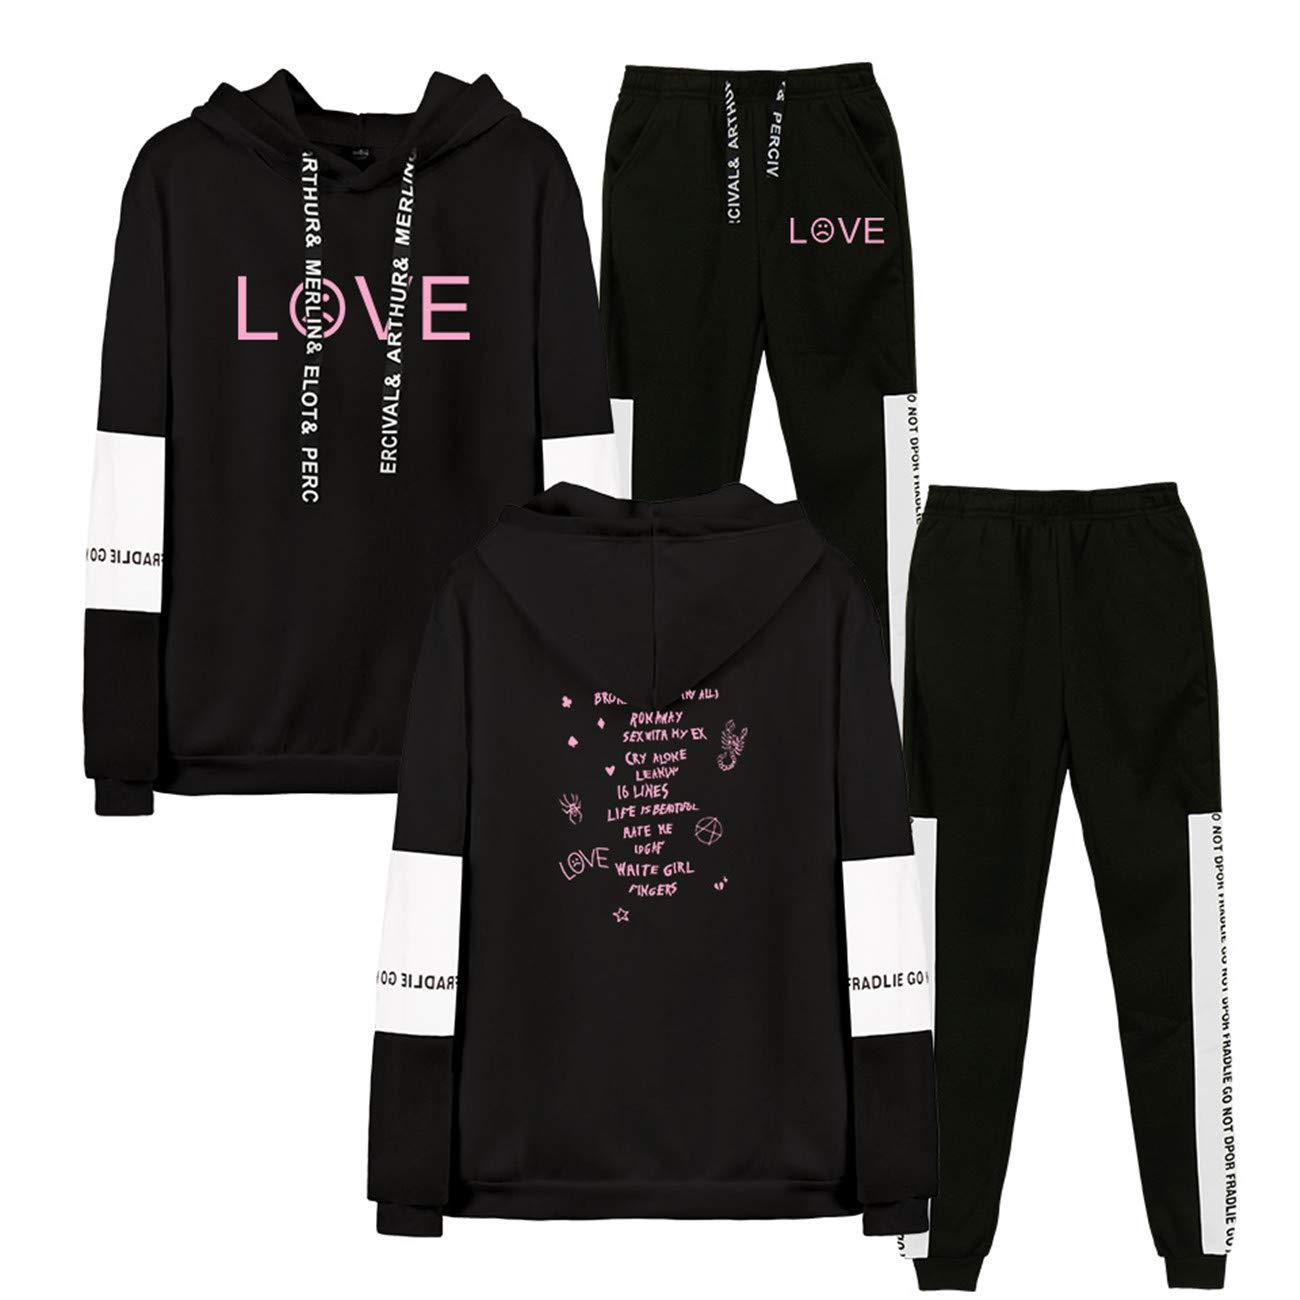 R.I.P Lil Peep Rapper Hip Hop Sports Suit Tracksuit Unisex Hoodies Trousers Set Harajuku Casual Hip Hop Men//Women Print Clothes